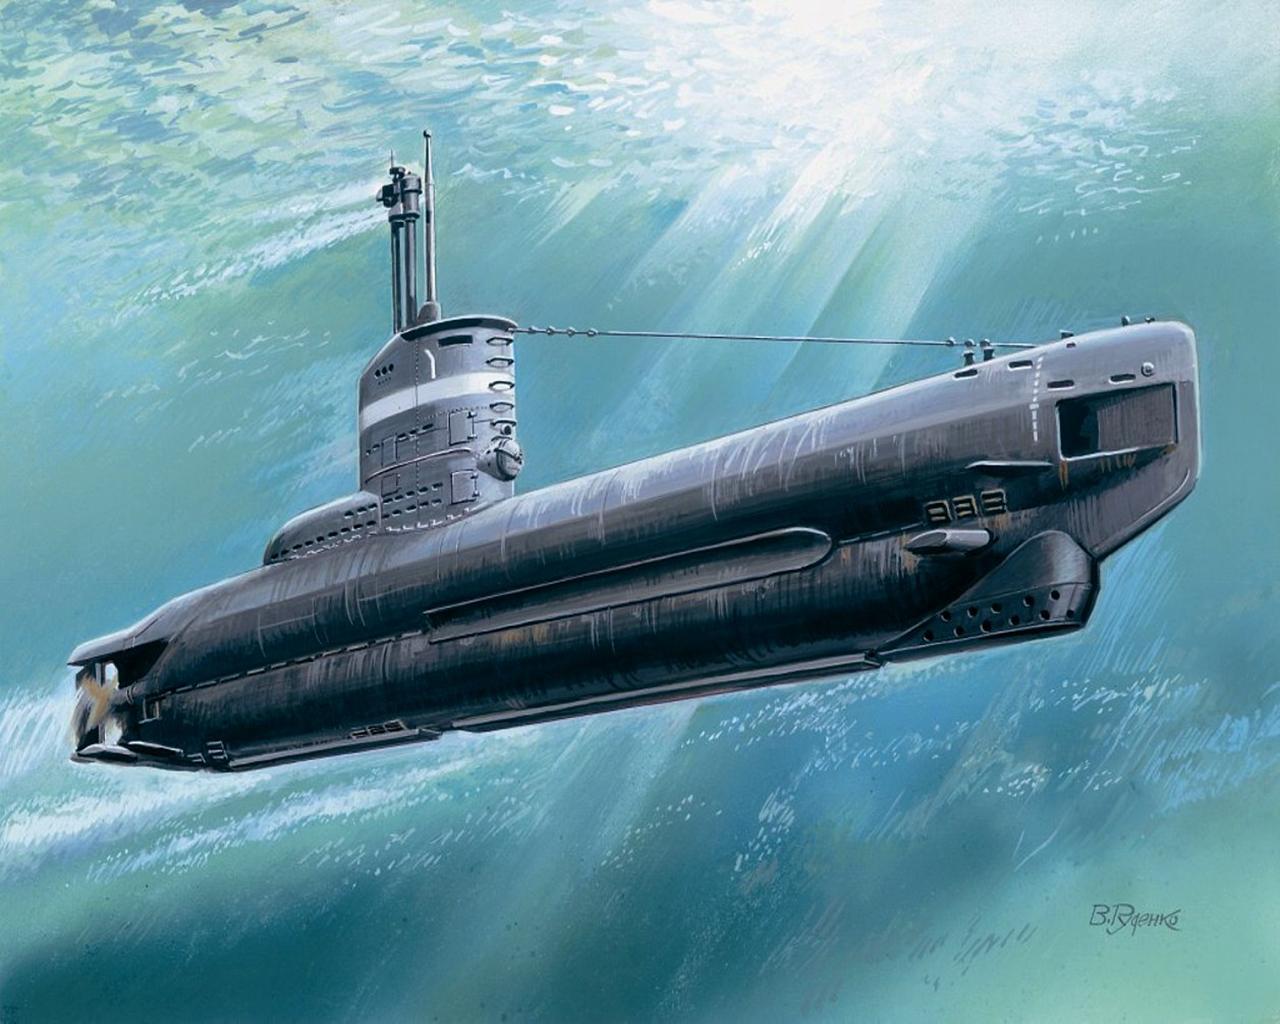 В связи с праздником, для кораблей класса ПЛ были увеличены коэффициенты получения опыта в 2 раза, а кредитов и очко .... - Изображение 1